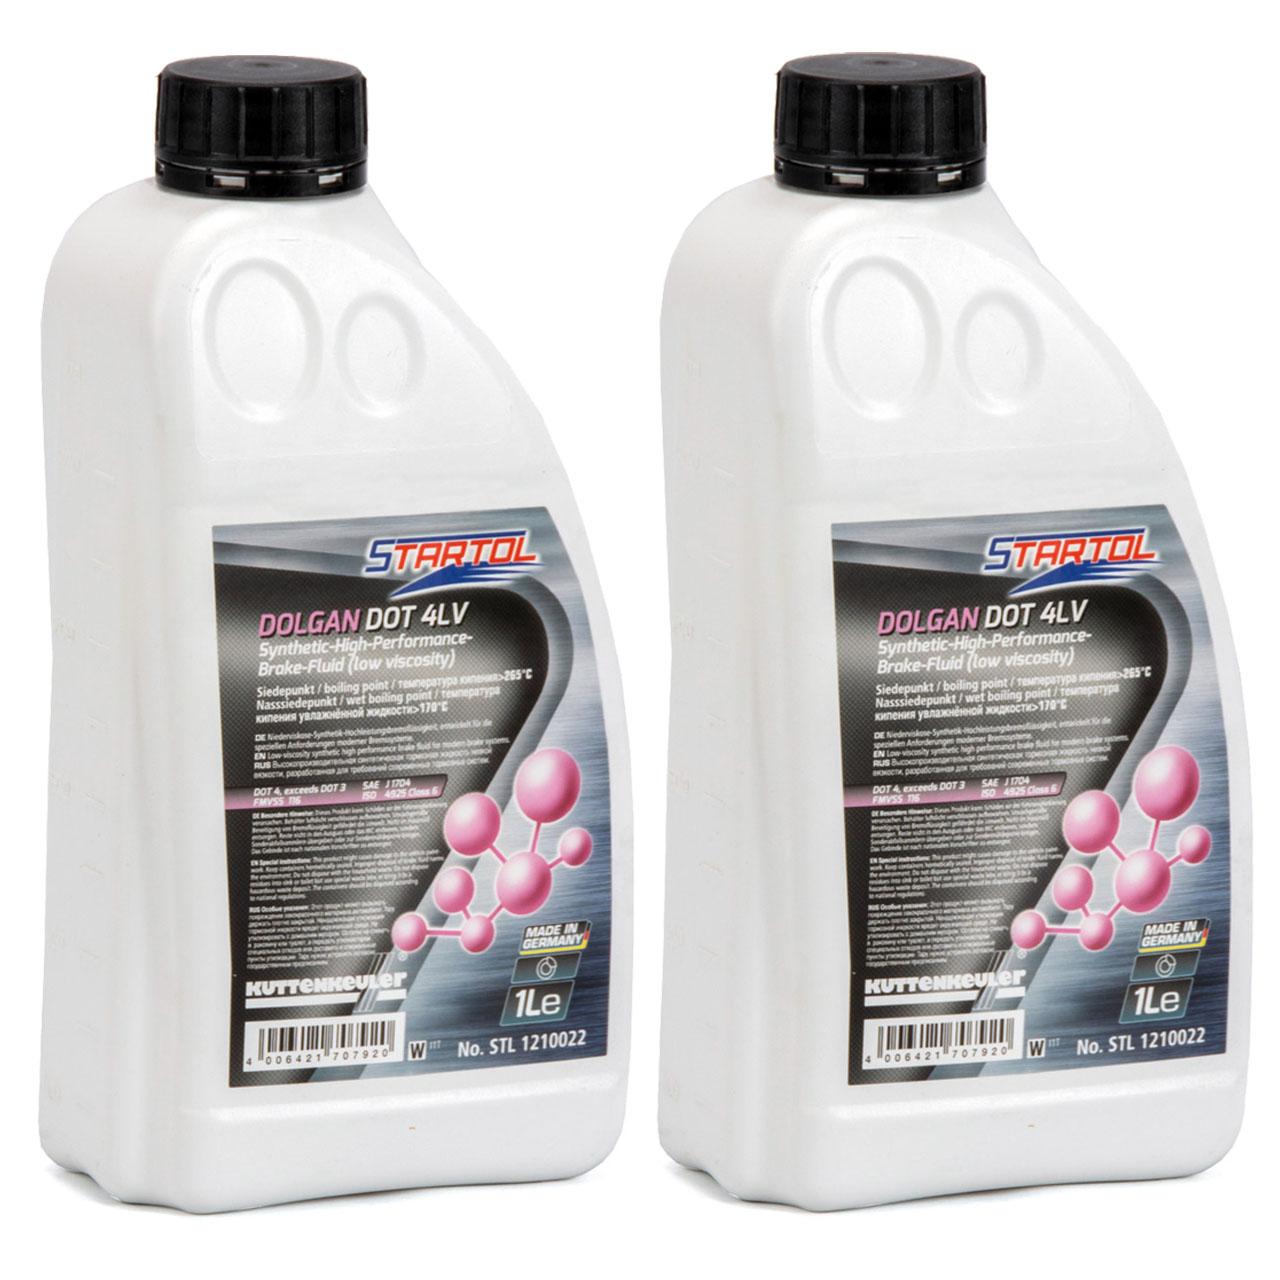 STARTOL Dolgan DOT 4 LV Hochleistungs-Bremsflüssigkeit synthetisch - 2L 2 Liter